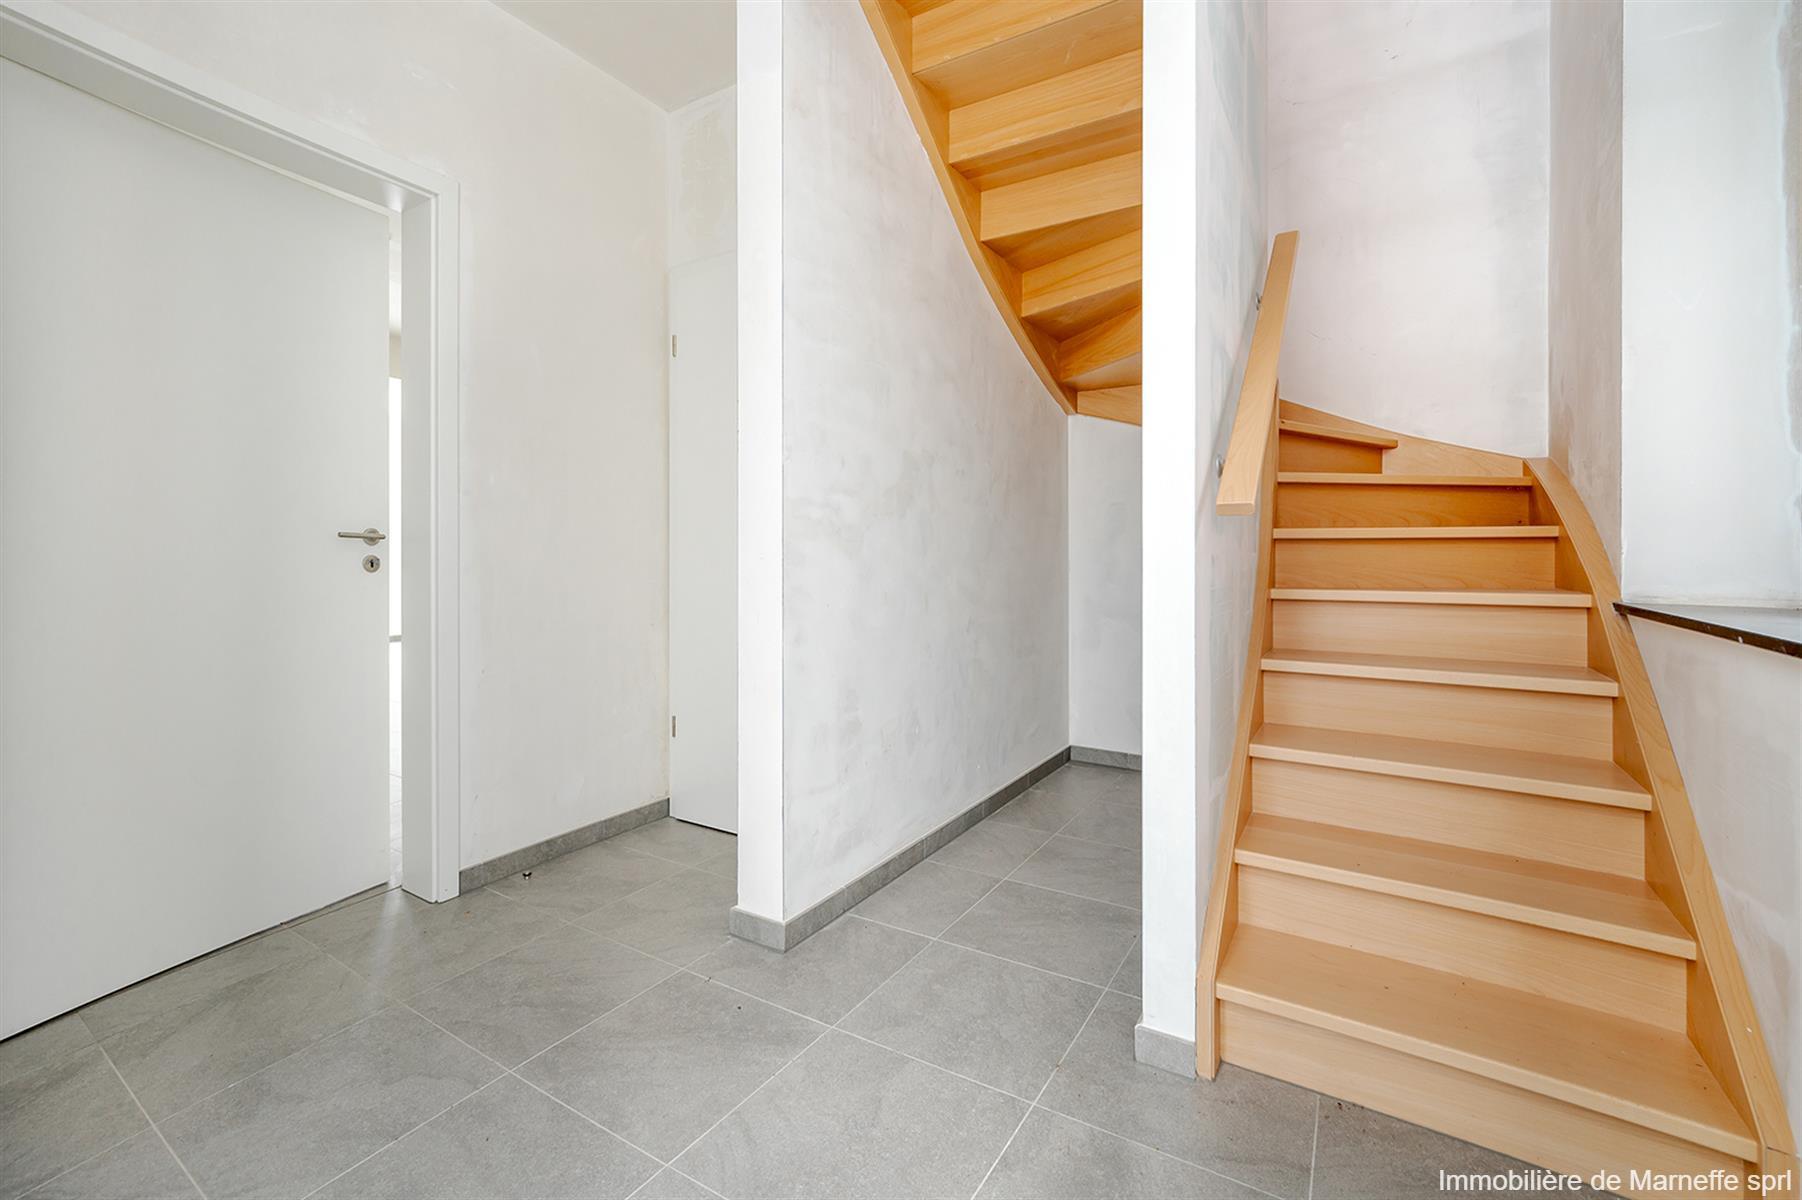 Maison - Grâce-Hollogne Velroux - #4214236-9